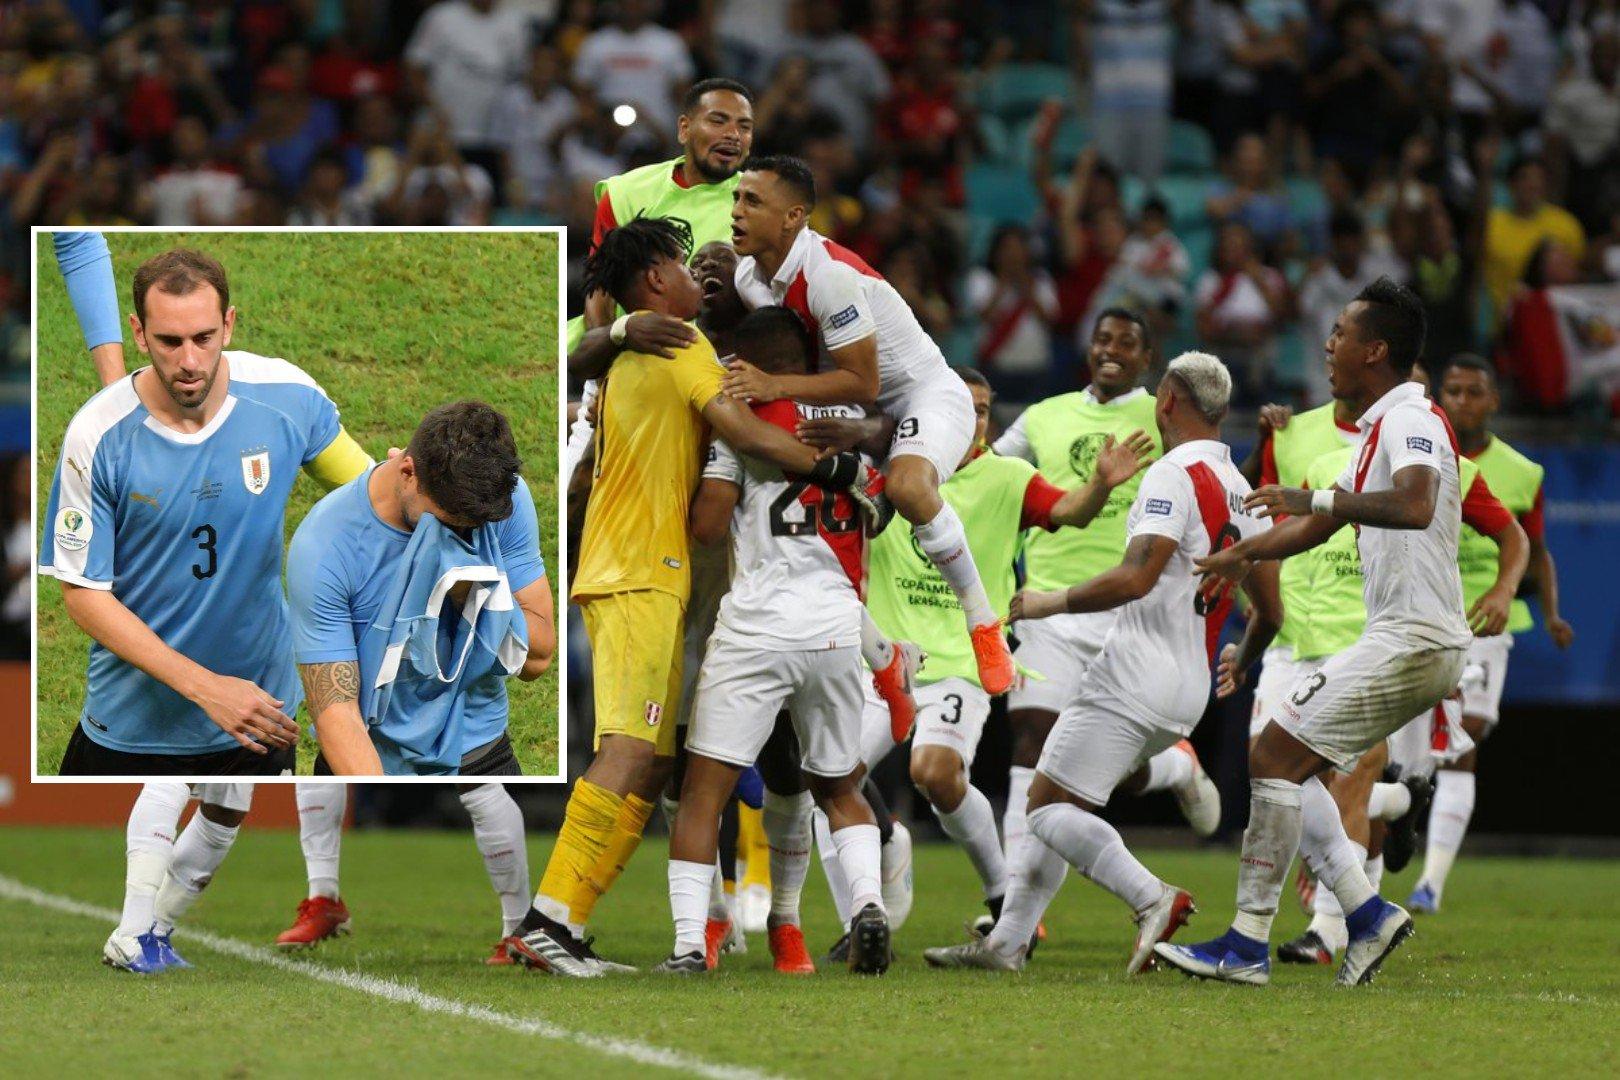 कोपा अमेरिका : स्वारेज पेनाल्टीमा चुक्दा उरुग्वे आउट, पेरु सेमिफाइनलमा !